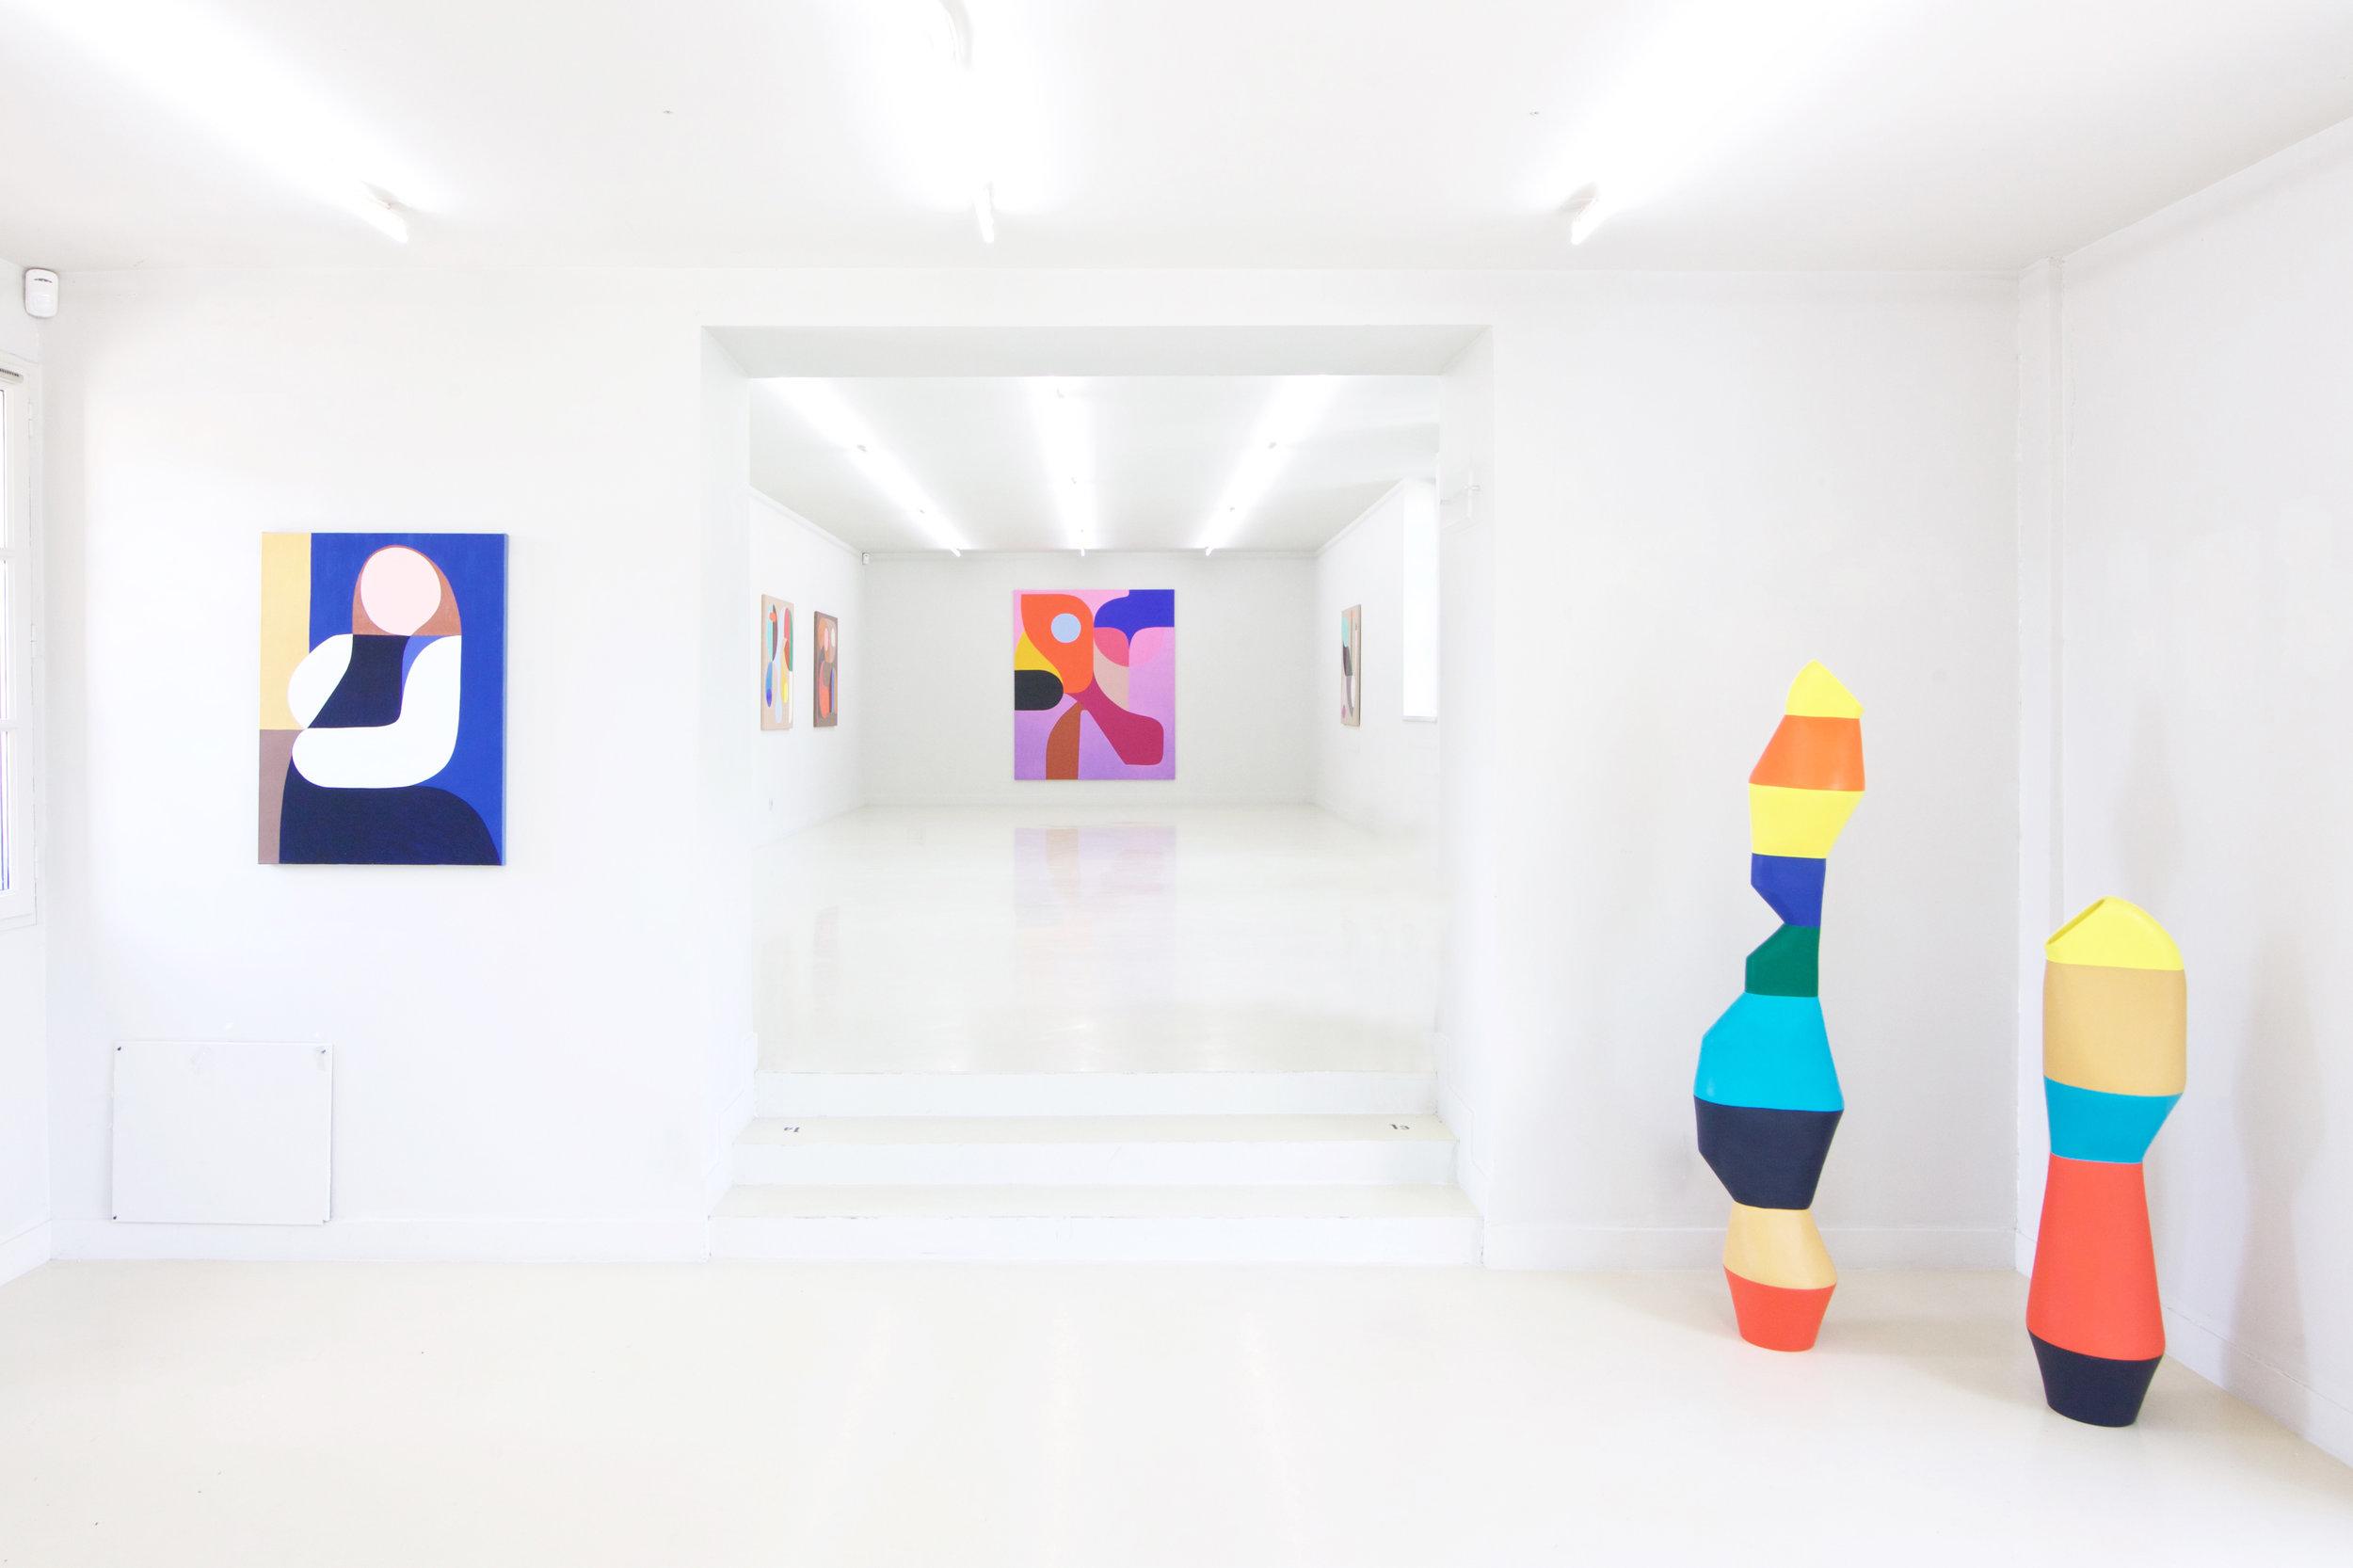 Galerie_Bessieres_05_2019_MG_5928 11.jpg